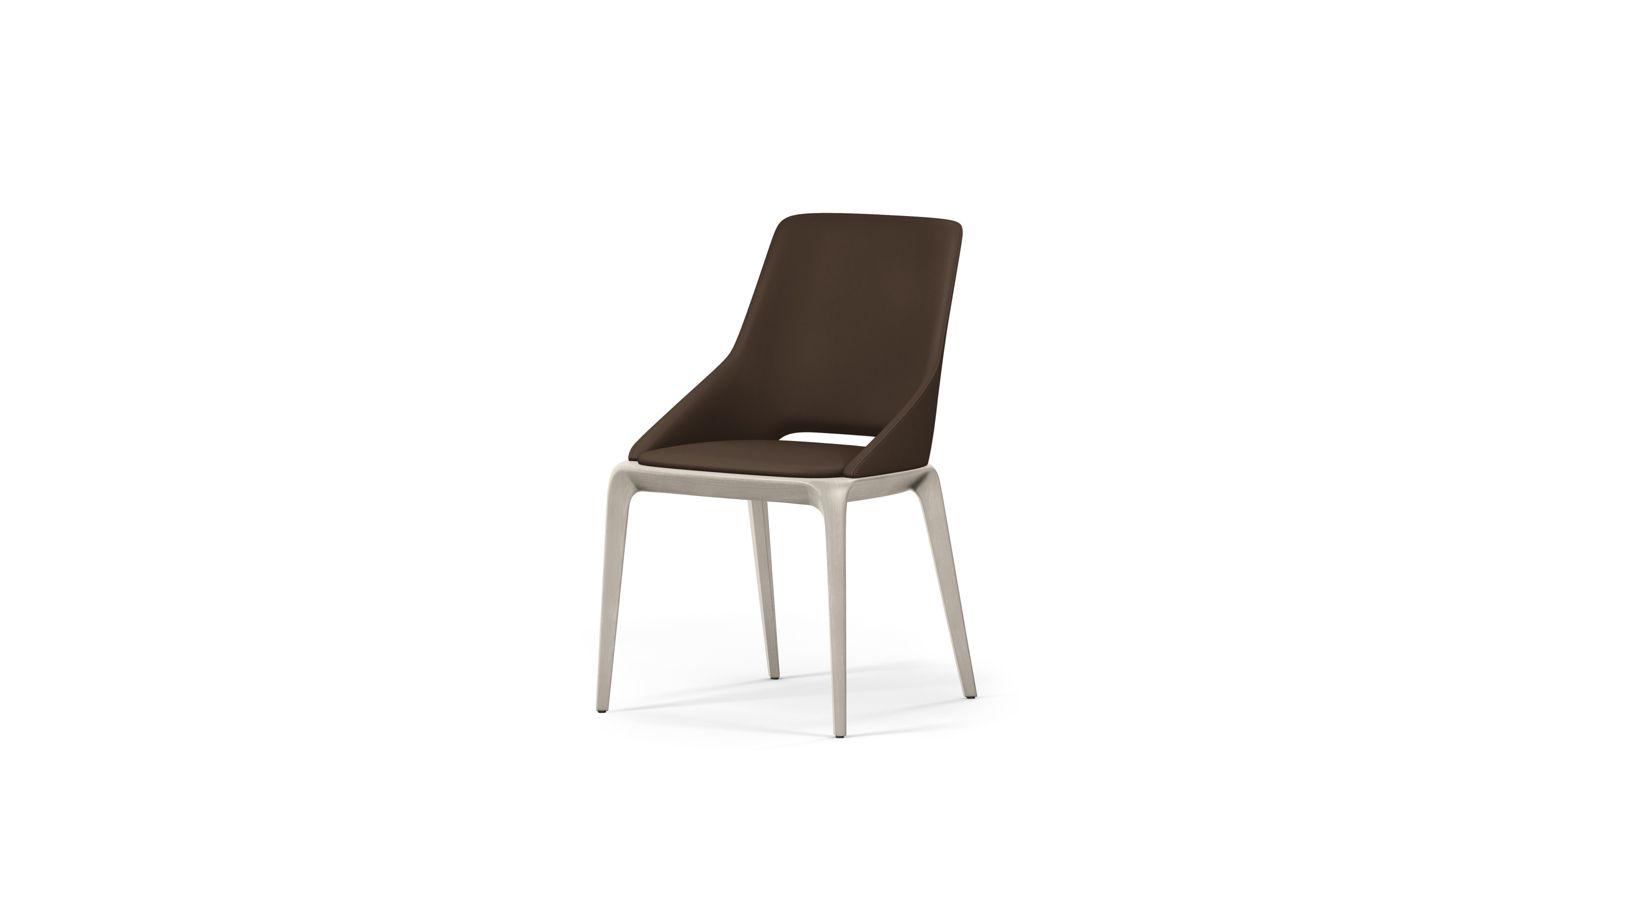 Roche bobois chaise de cuisine for Chaise longue roche bobois